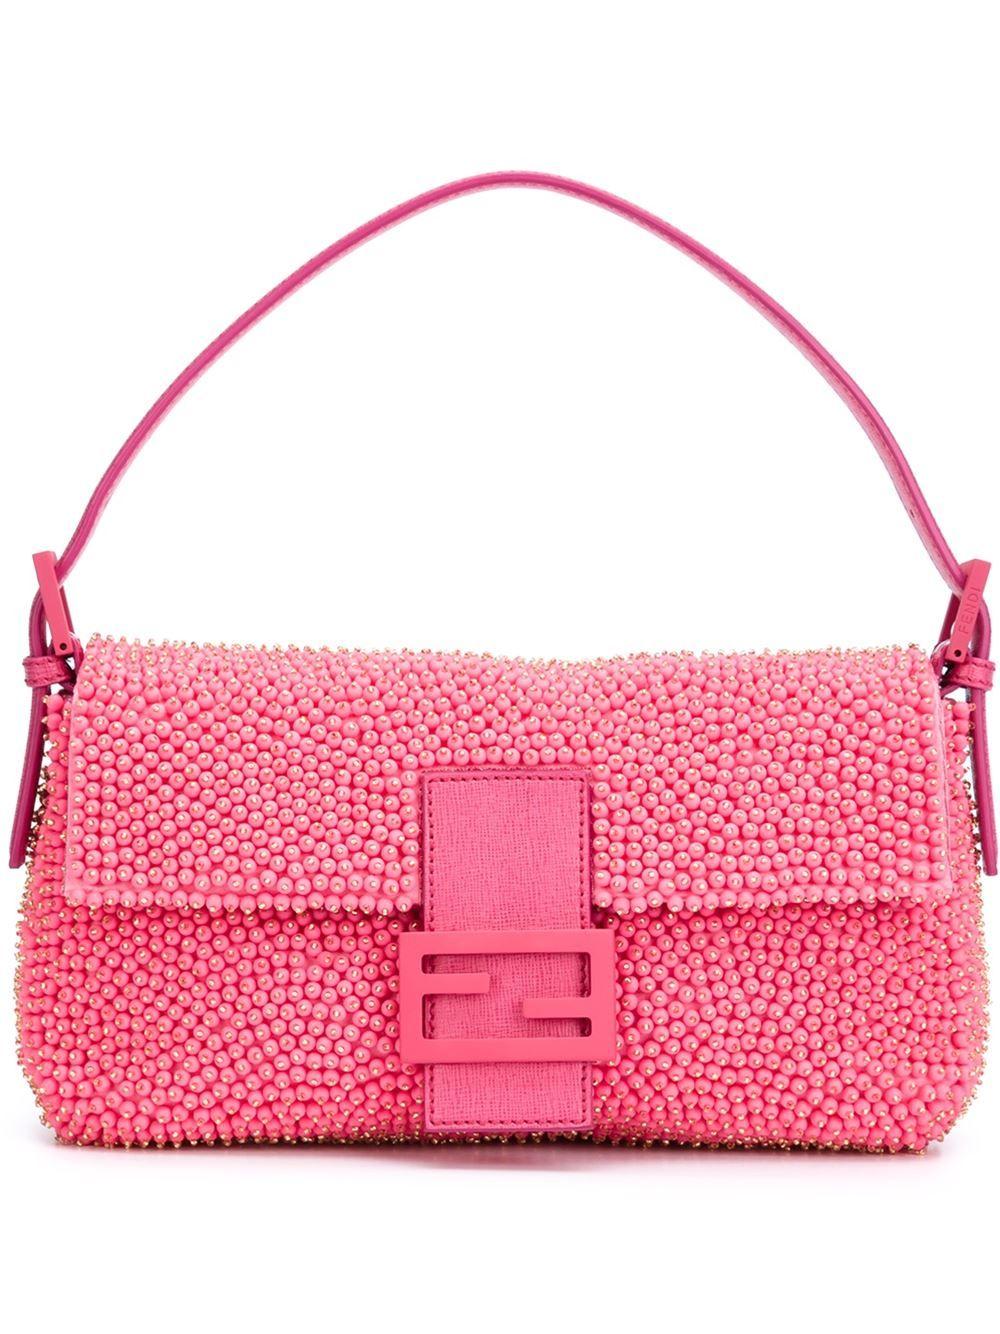 bdd912967d91 Fendi  Baguette  shoulder bag